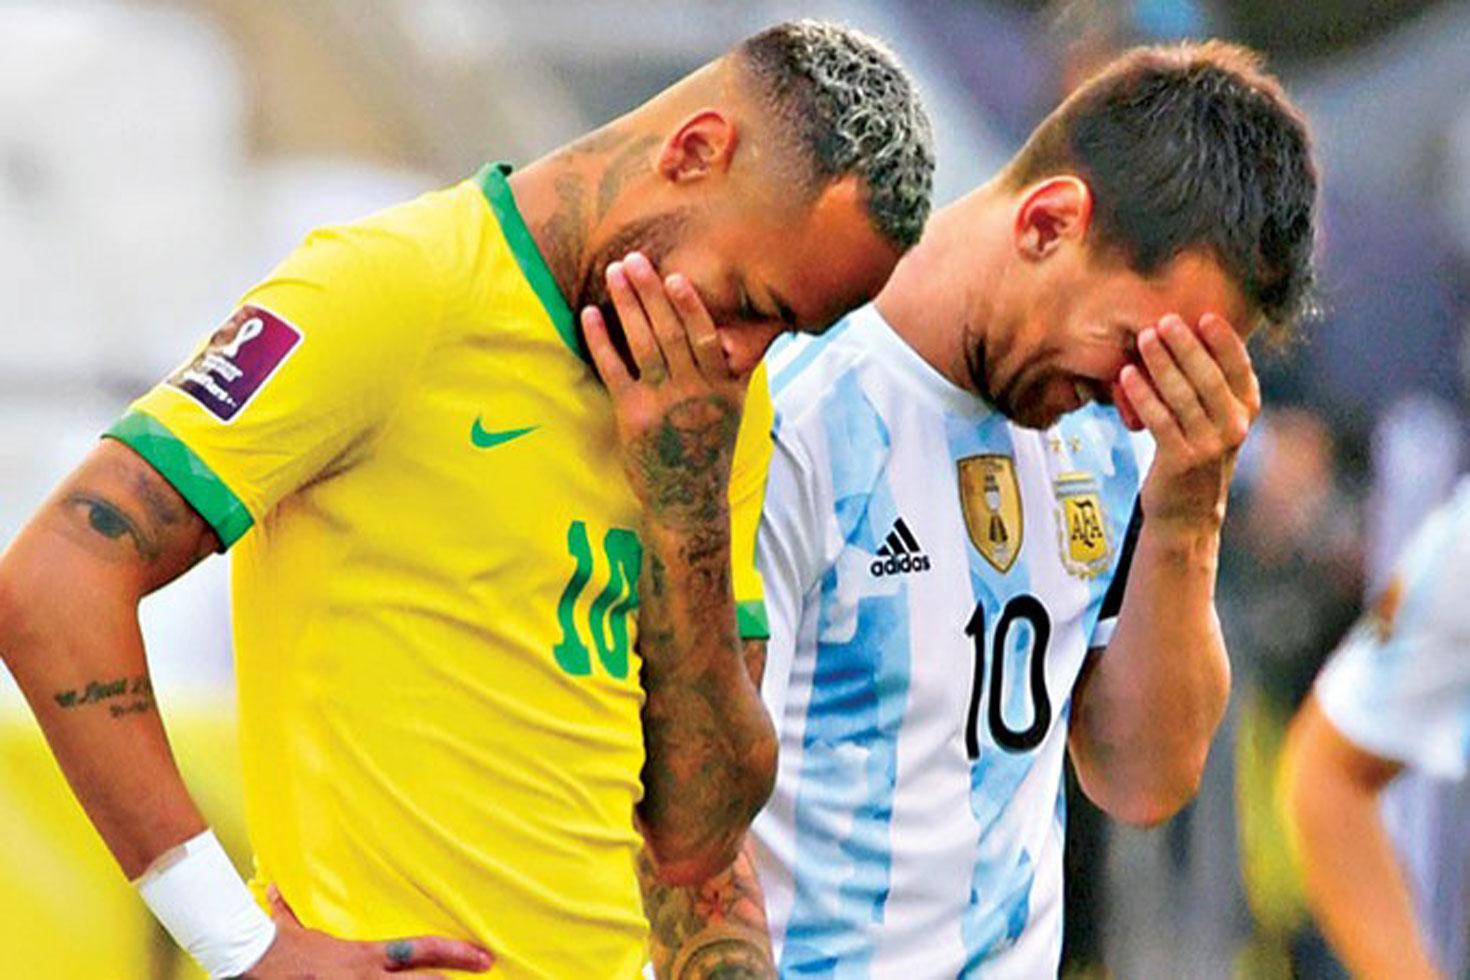 'দুই বছর পরপর ফুটবল বিশ্বকাপ অন্য খেলার জন্য হুমকি'